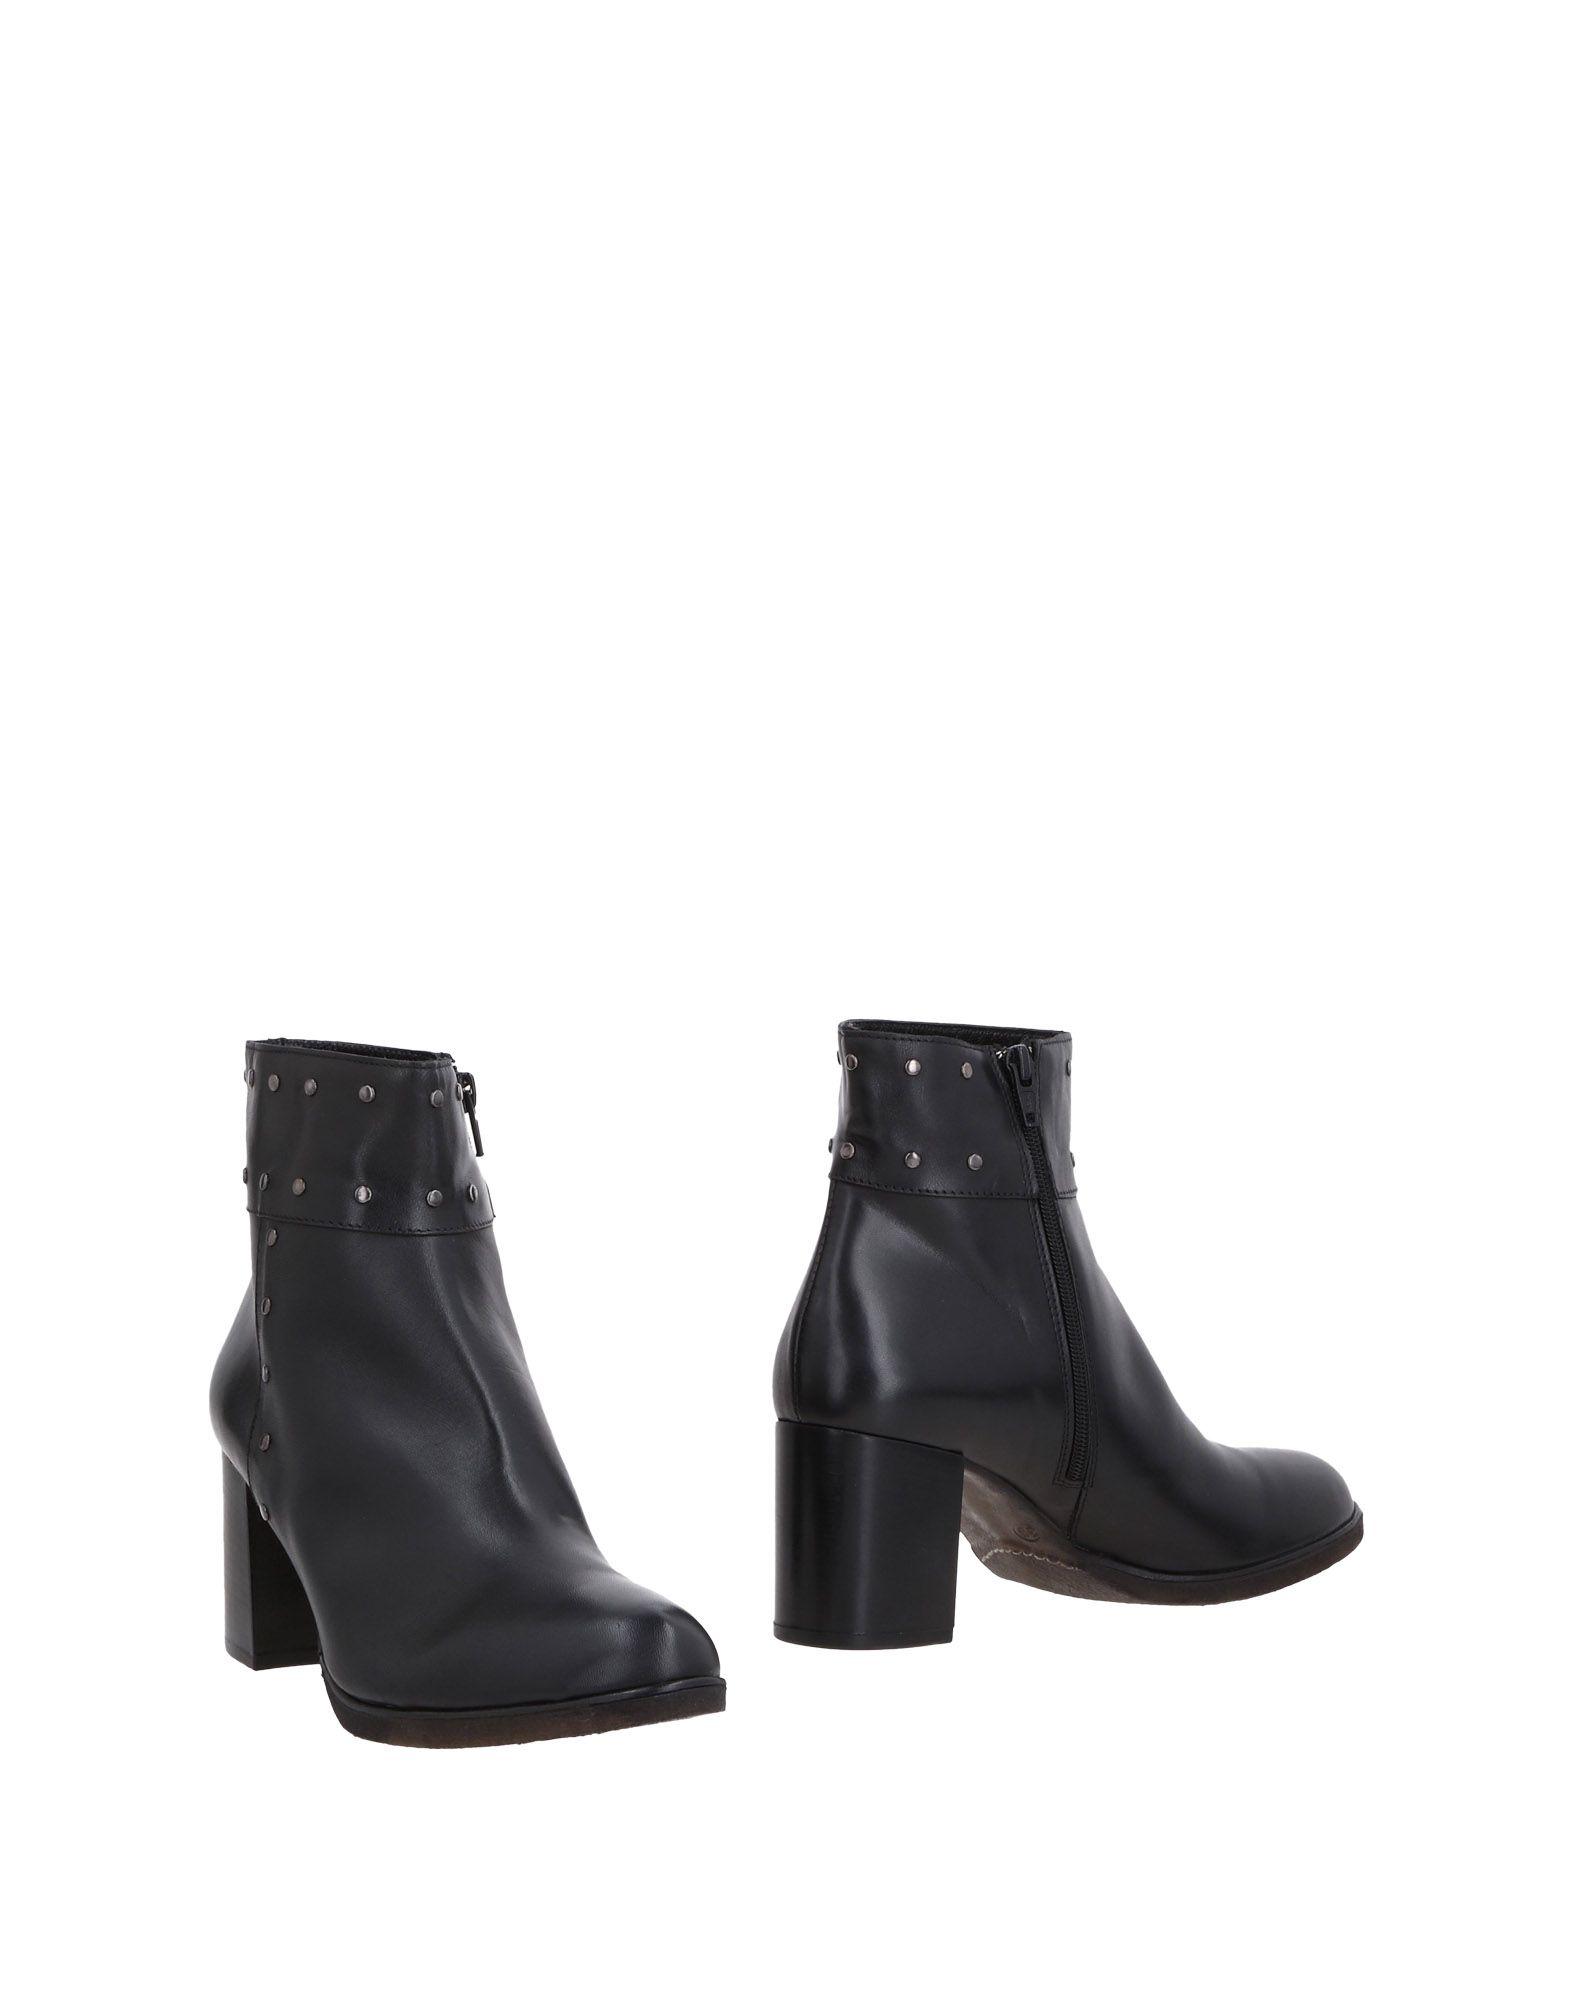 Ubi 11467298JS Major Stiefelette Damen  11467298JS Ubi Gute Qualität beliebte Schuhe 876638